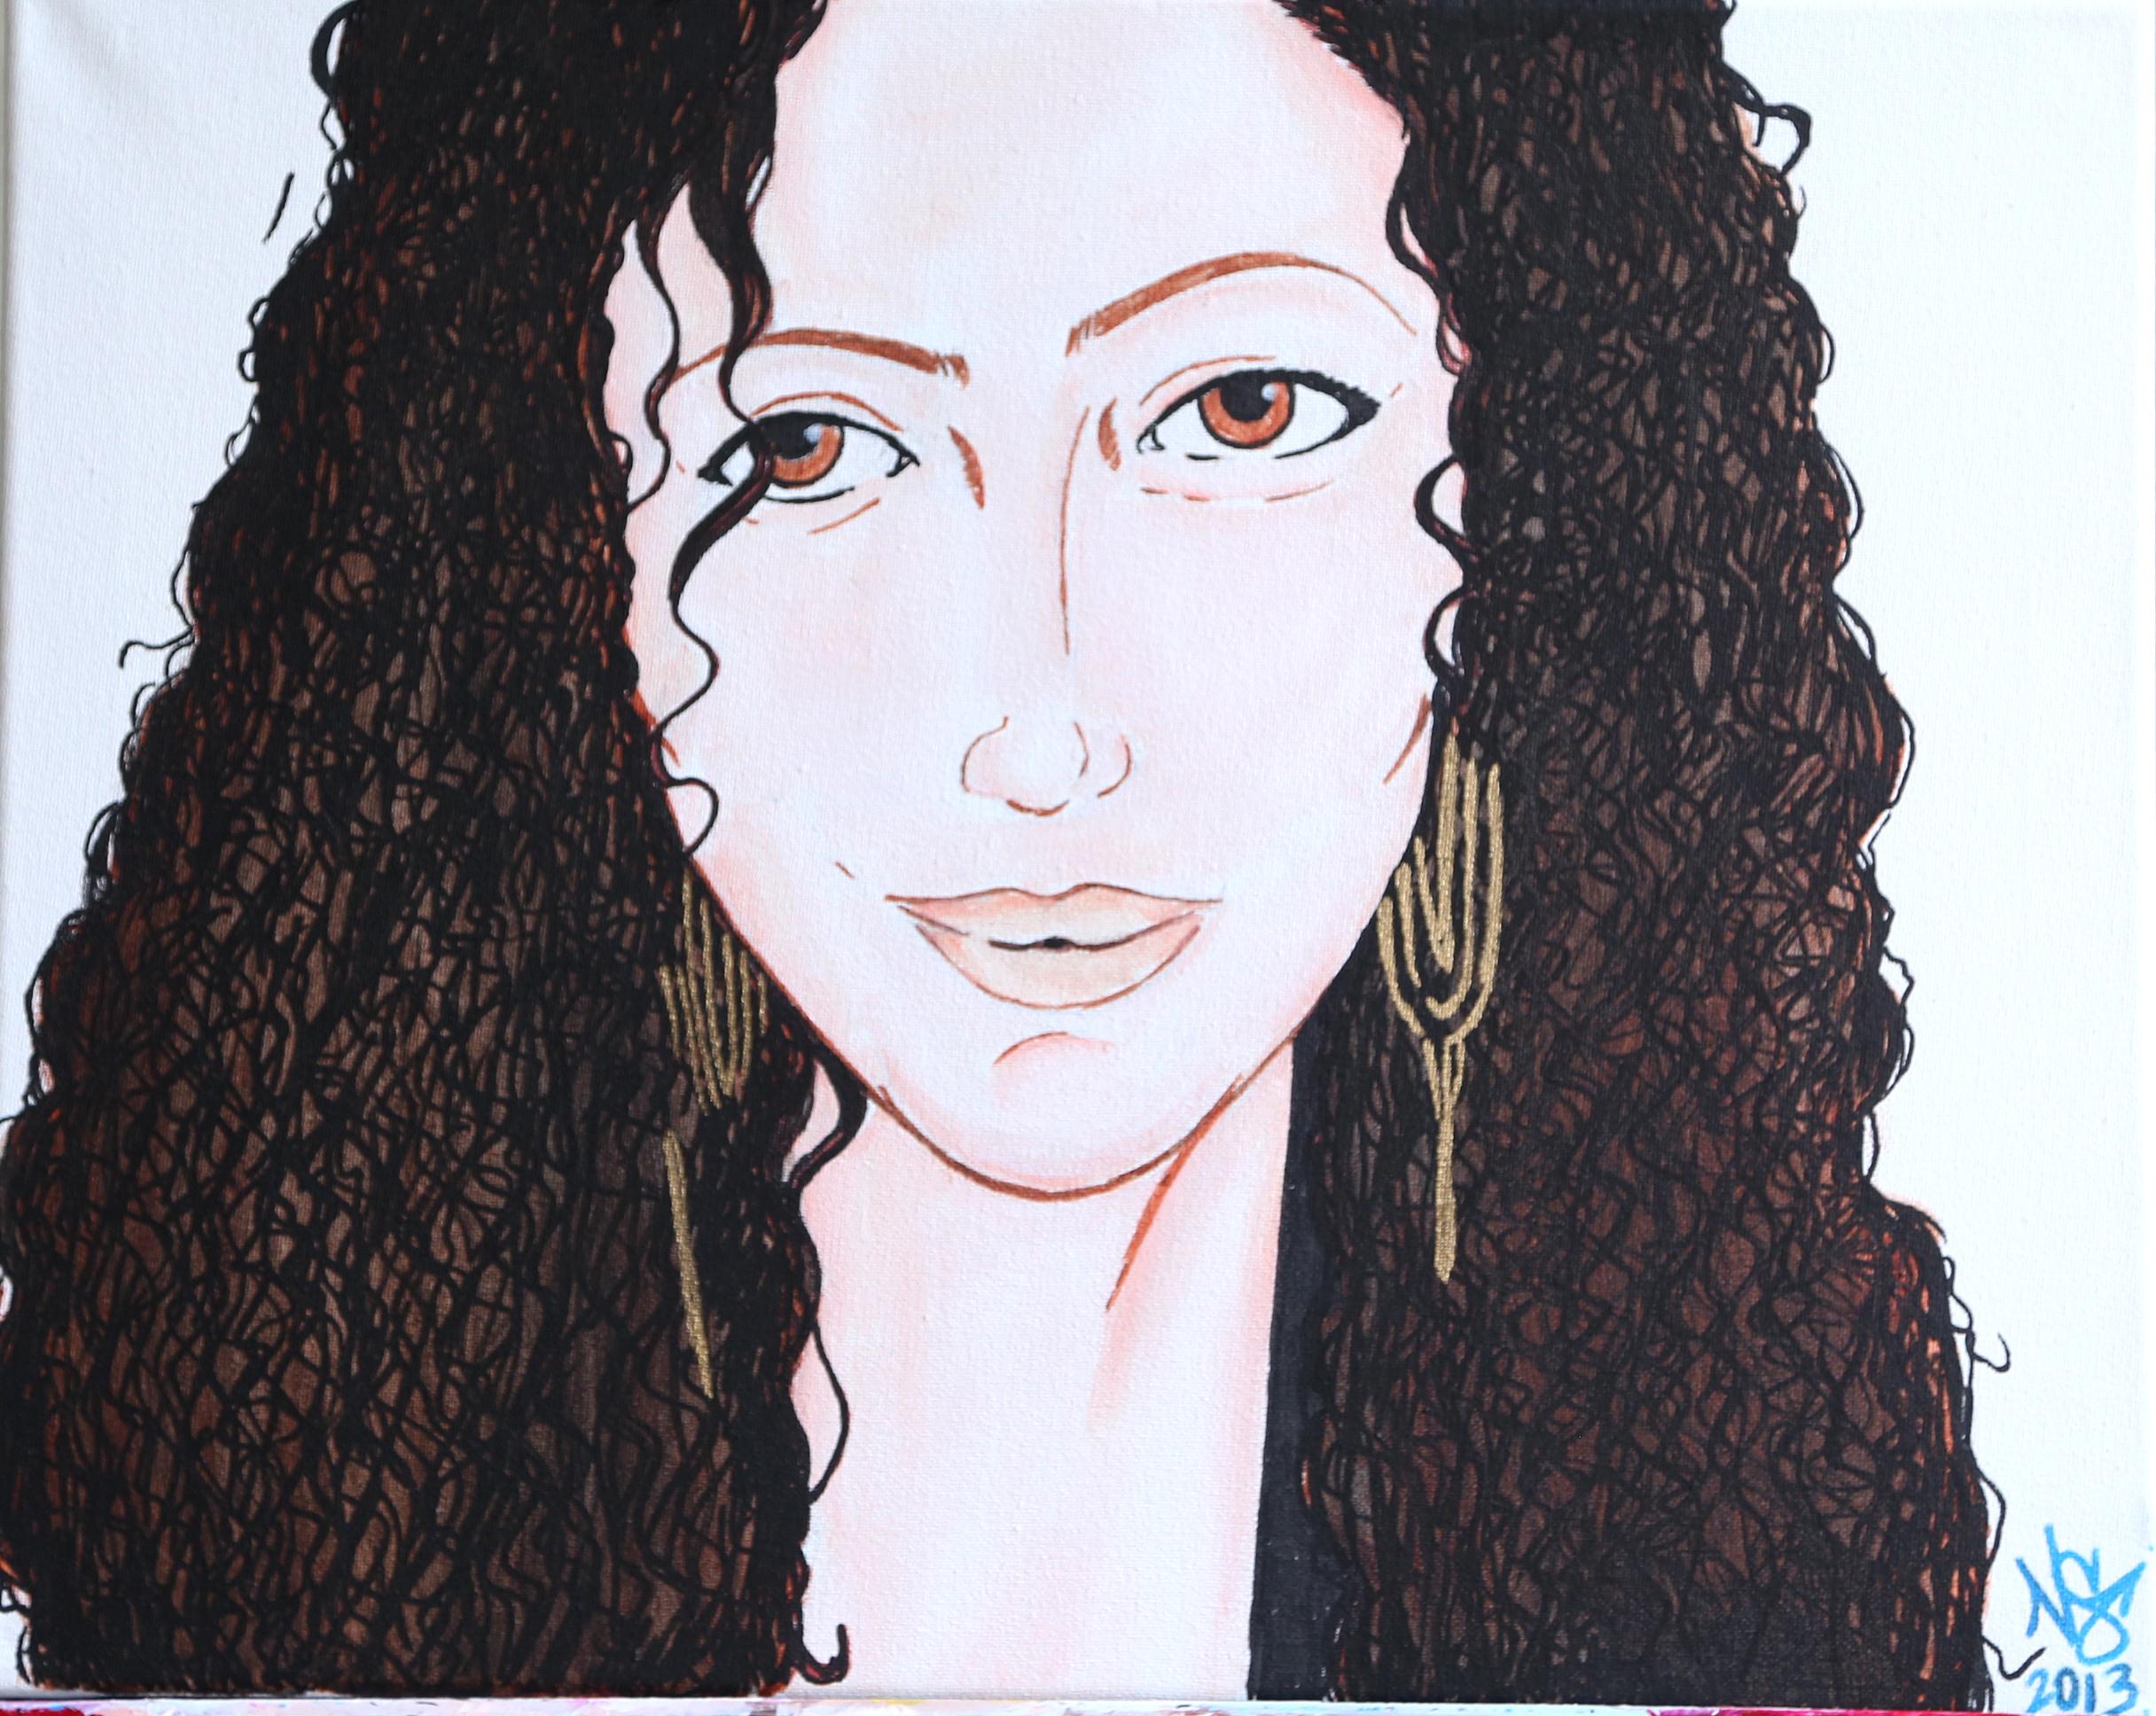 Lisa Collazo